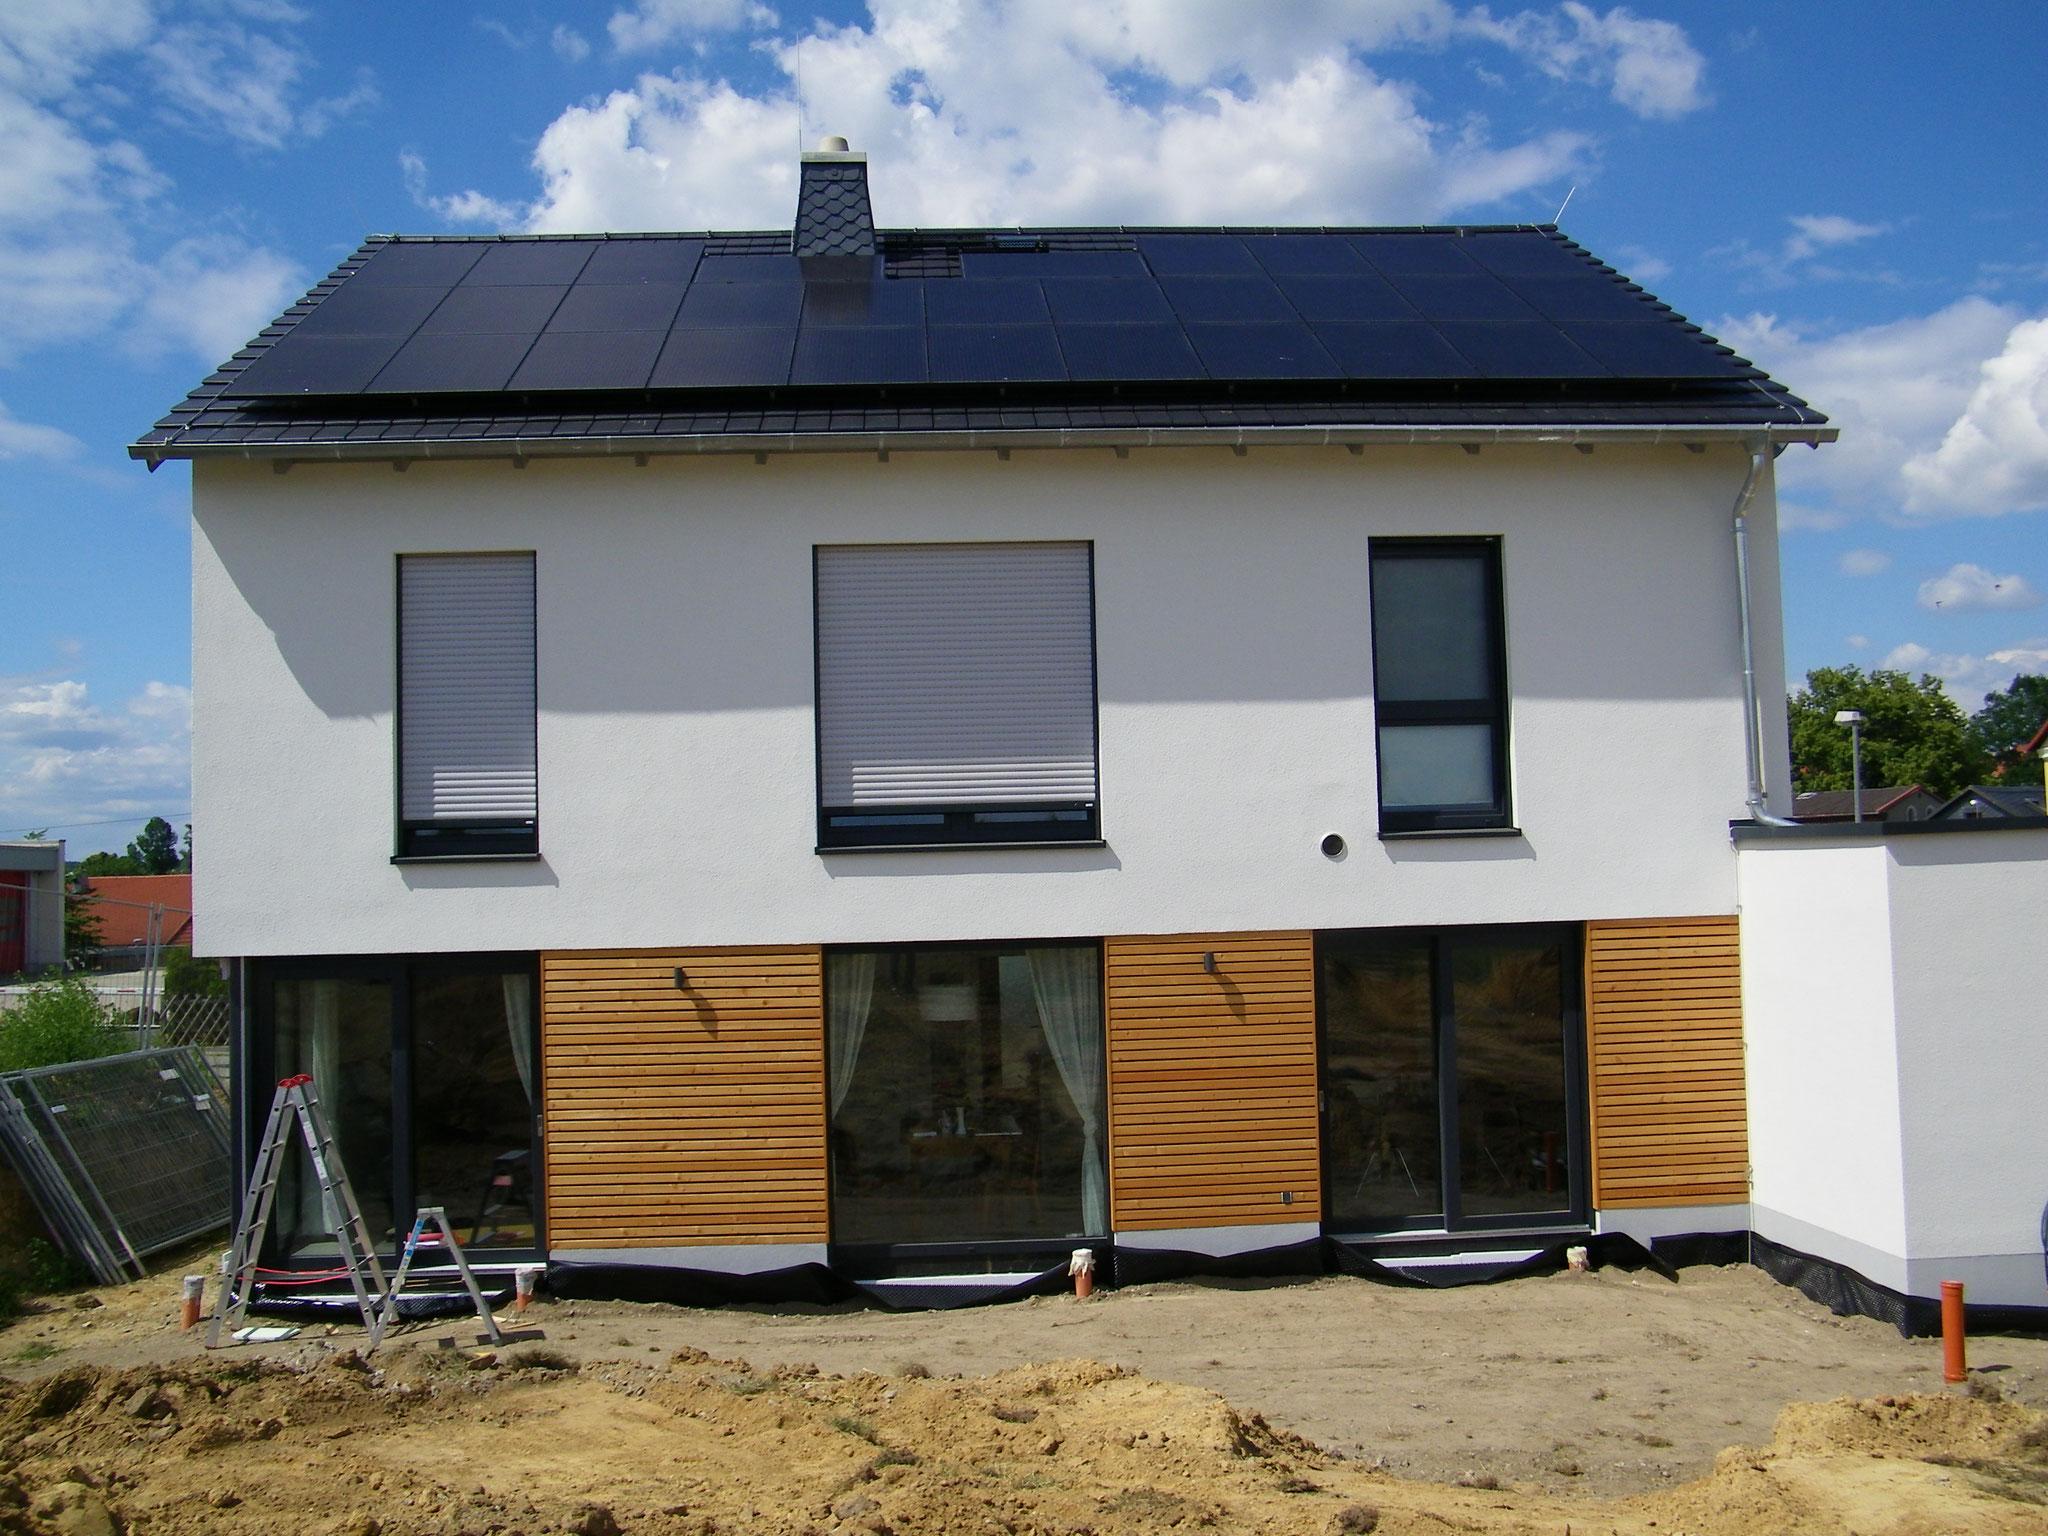 Eigenheim, Großröhrsdorf (2019)